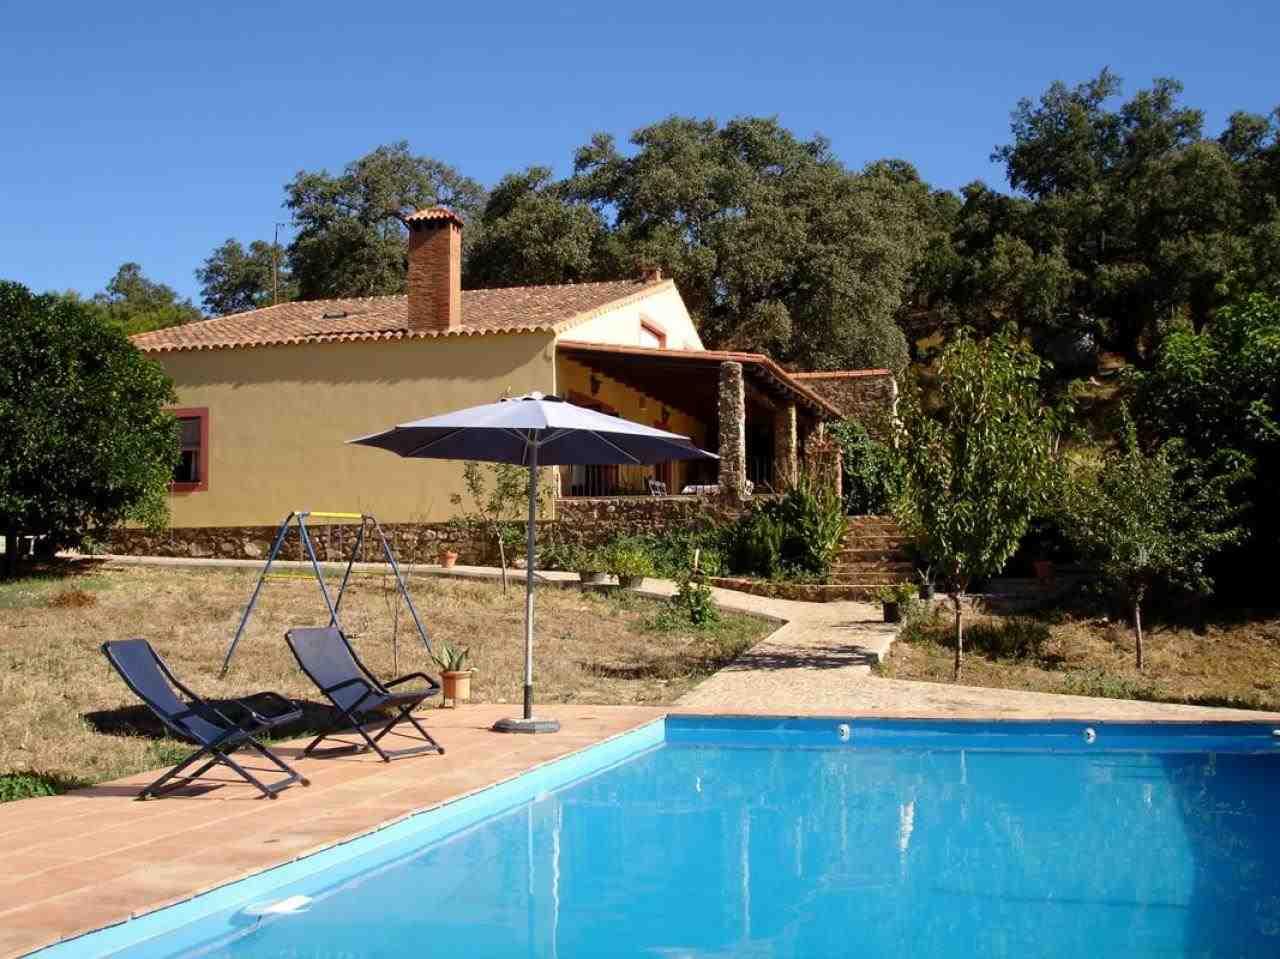 Alquiler vacaciones en Cortegana, Huelva